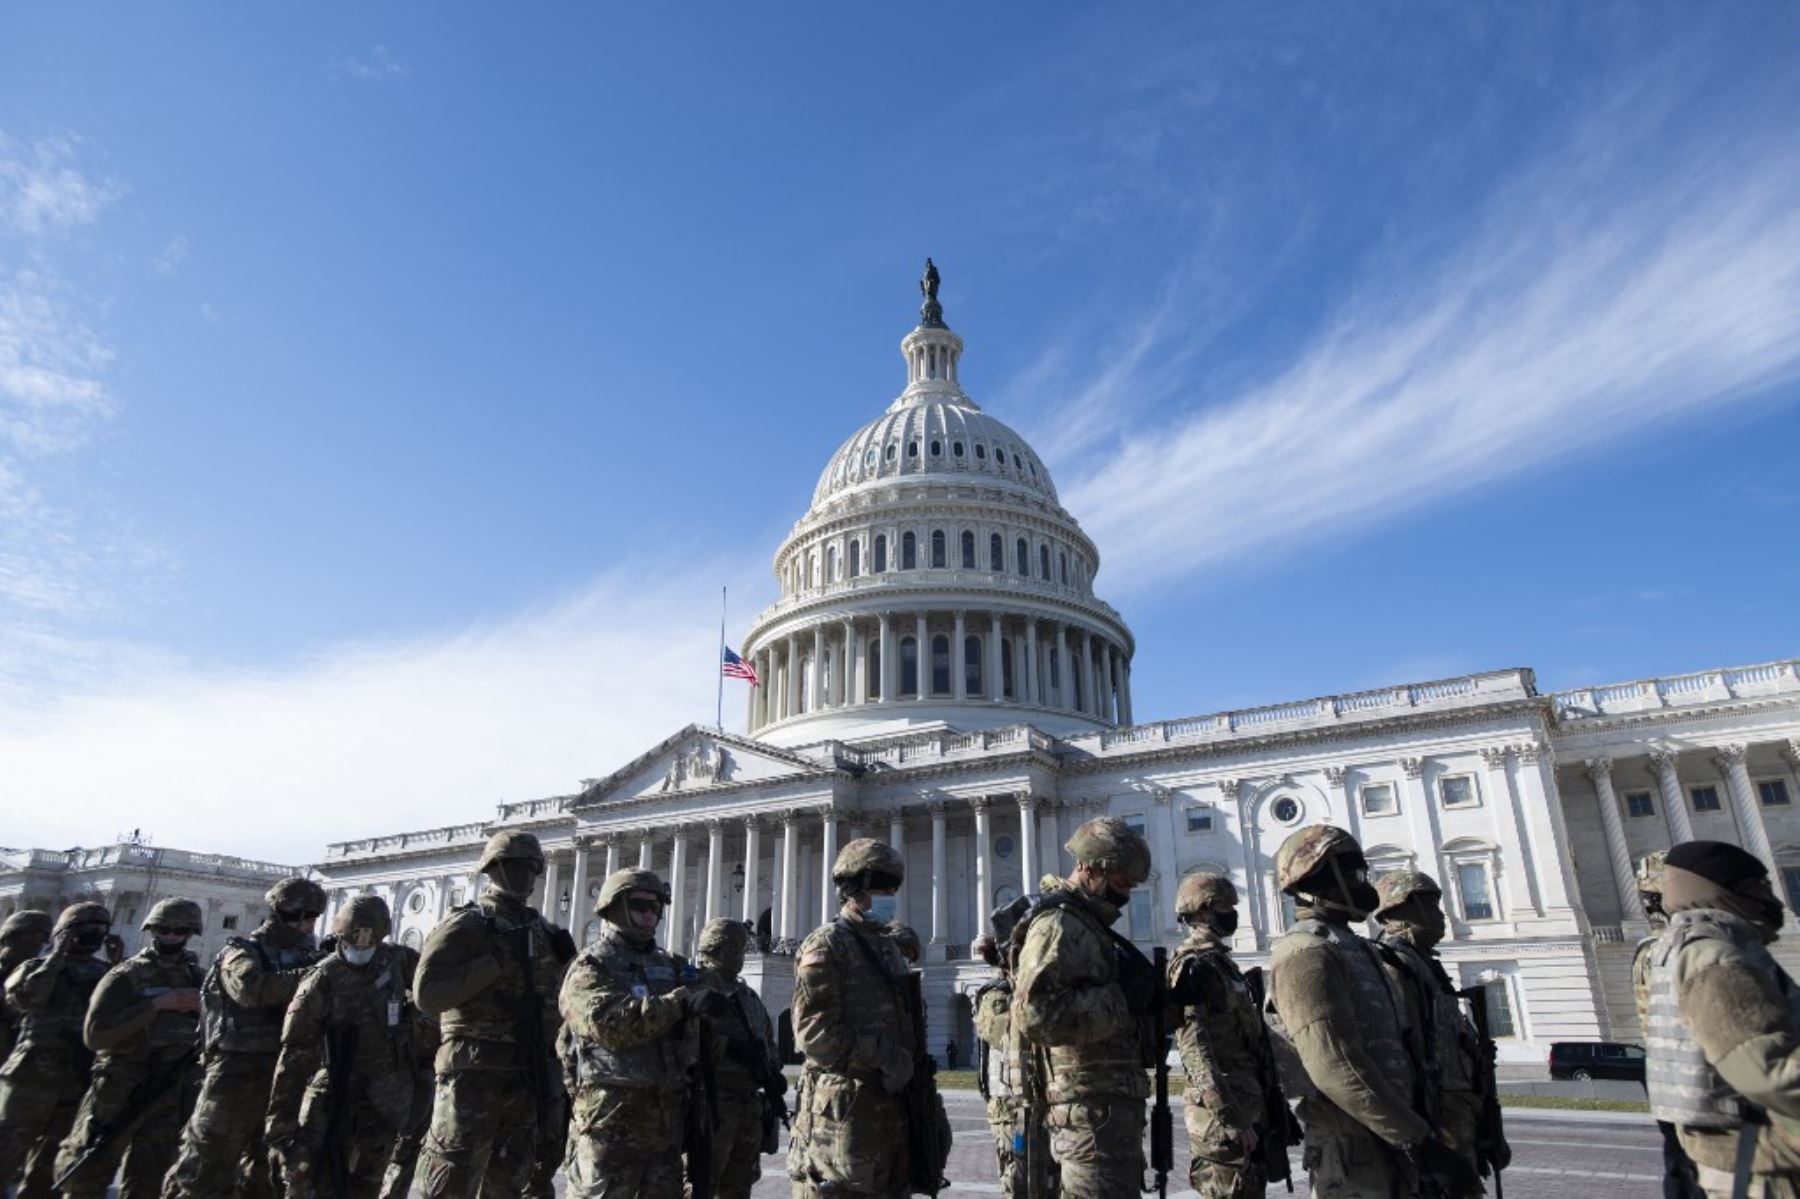 """Miembros de la Guardia Nacional de EE. UU. llegan al Capitolio tras una """"amenaza de seguridad externa"""". Foto: AFP"""